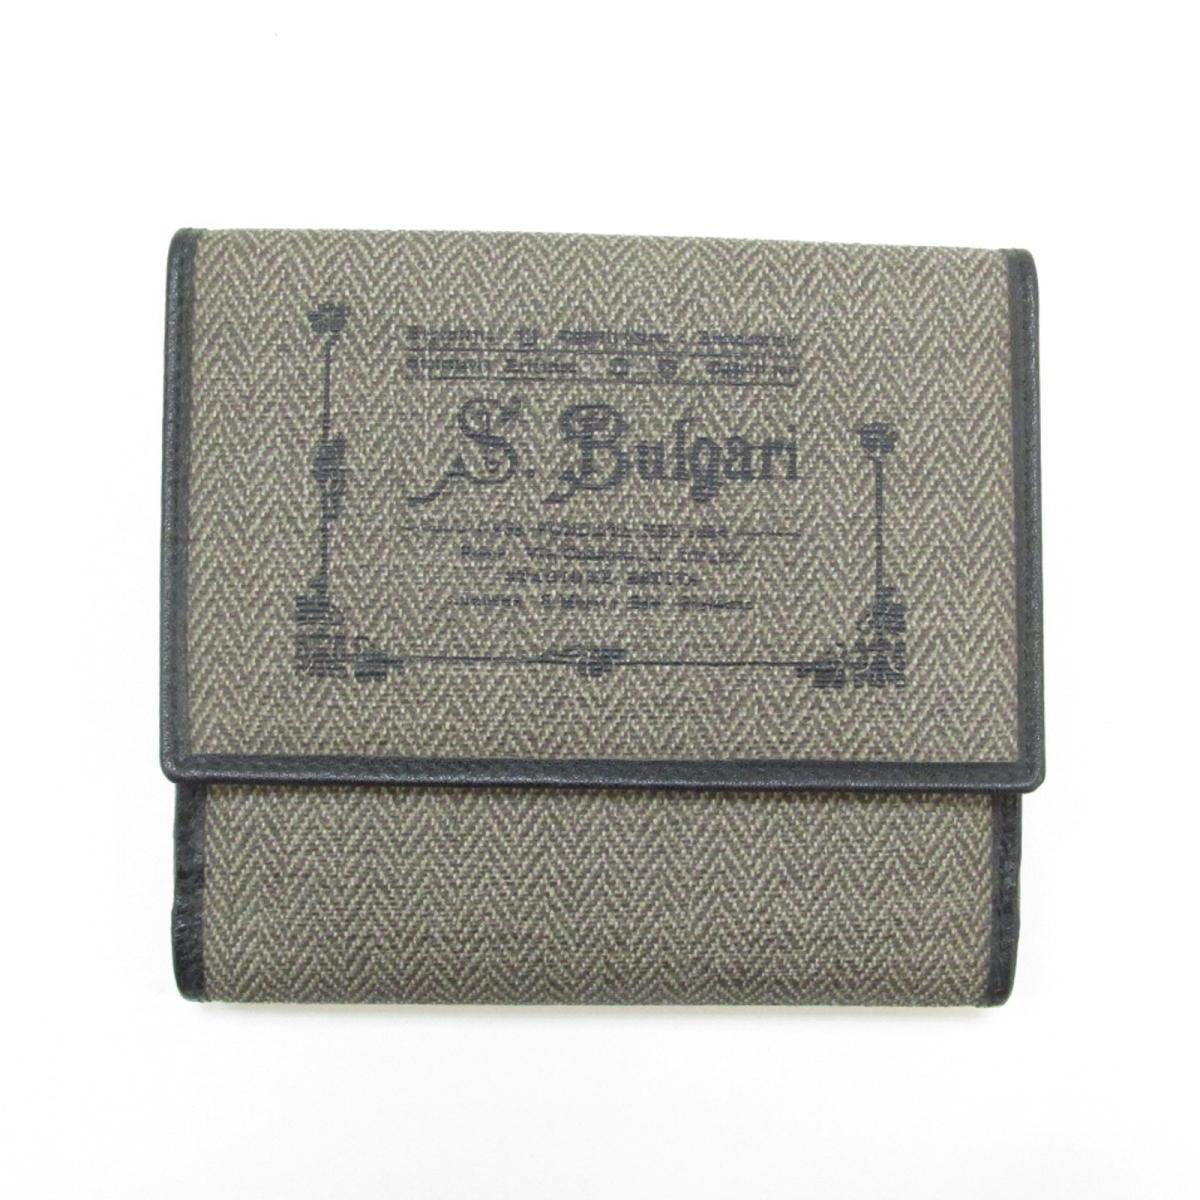 【中古】ブルガリ Wホック財布 二つ折り財布 ユニセックス 塩化ビニールコーティング×レザー ベージュ×ブラック